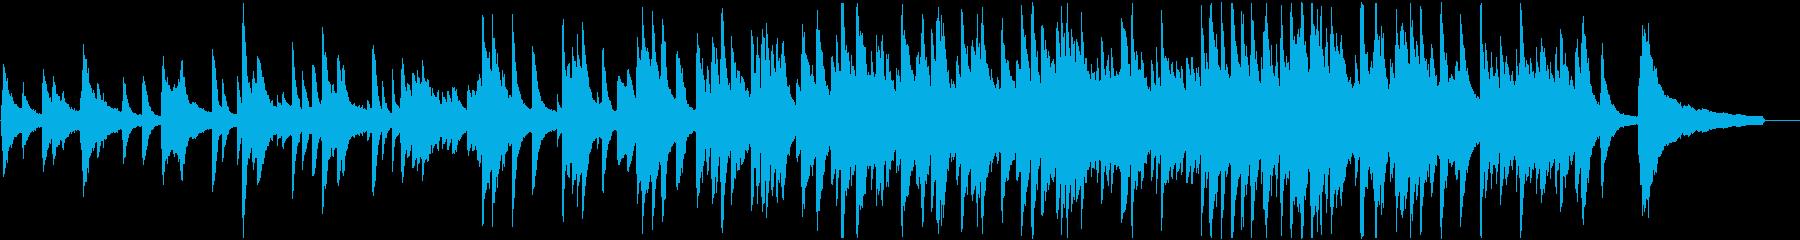 癒し系のゆったりしたピアノ曲です。の再生済みの波形